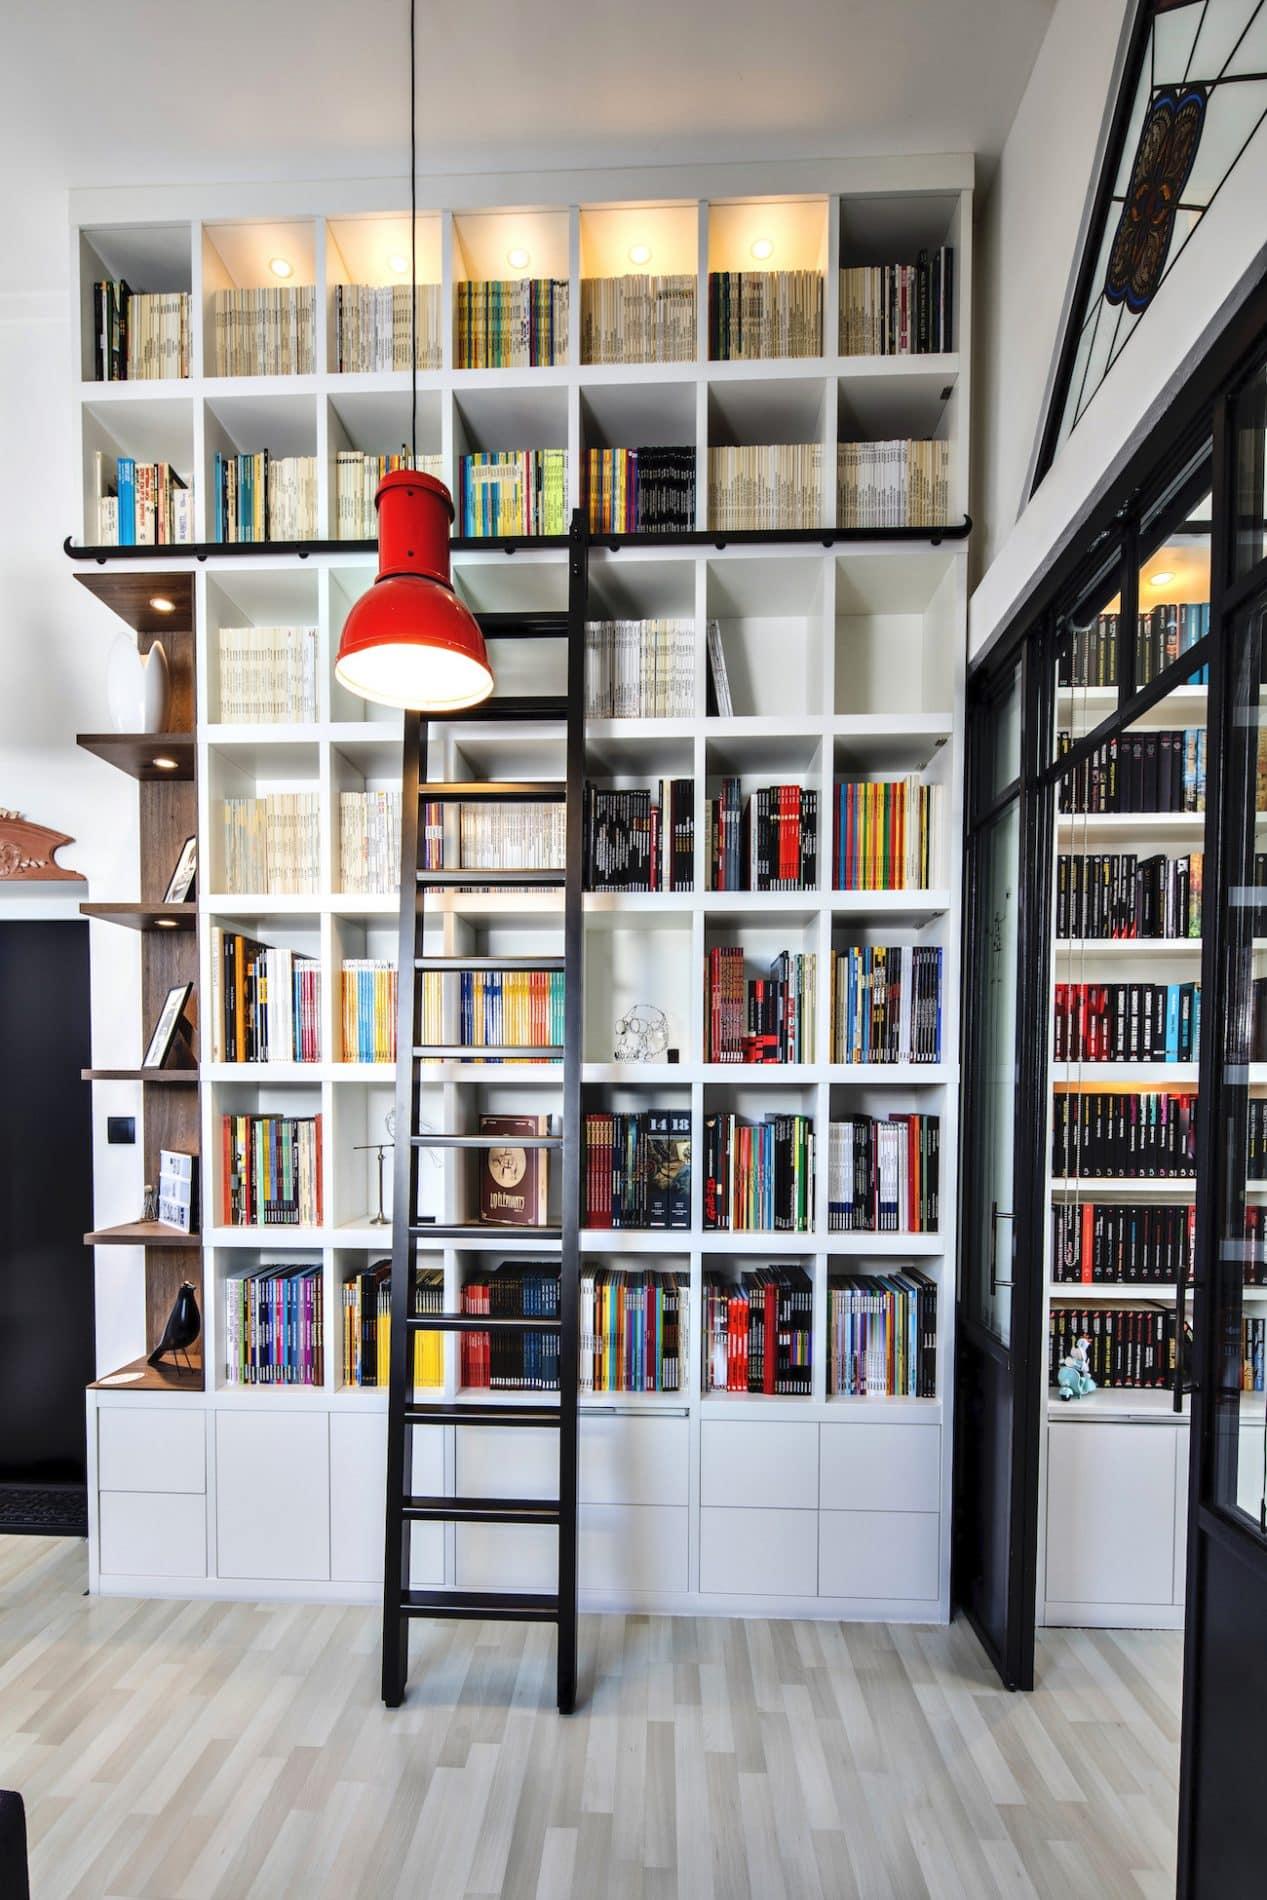 bibliothèque blanche et noyer avec une échelle vue de face